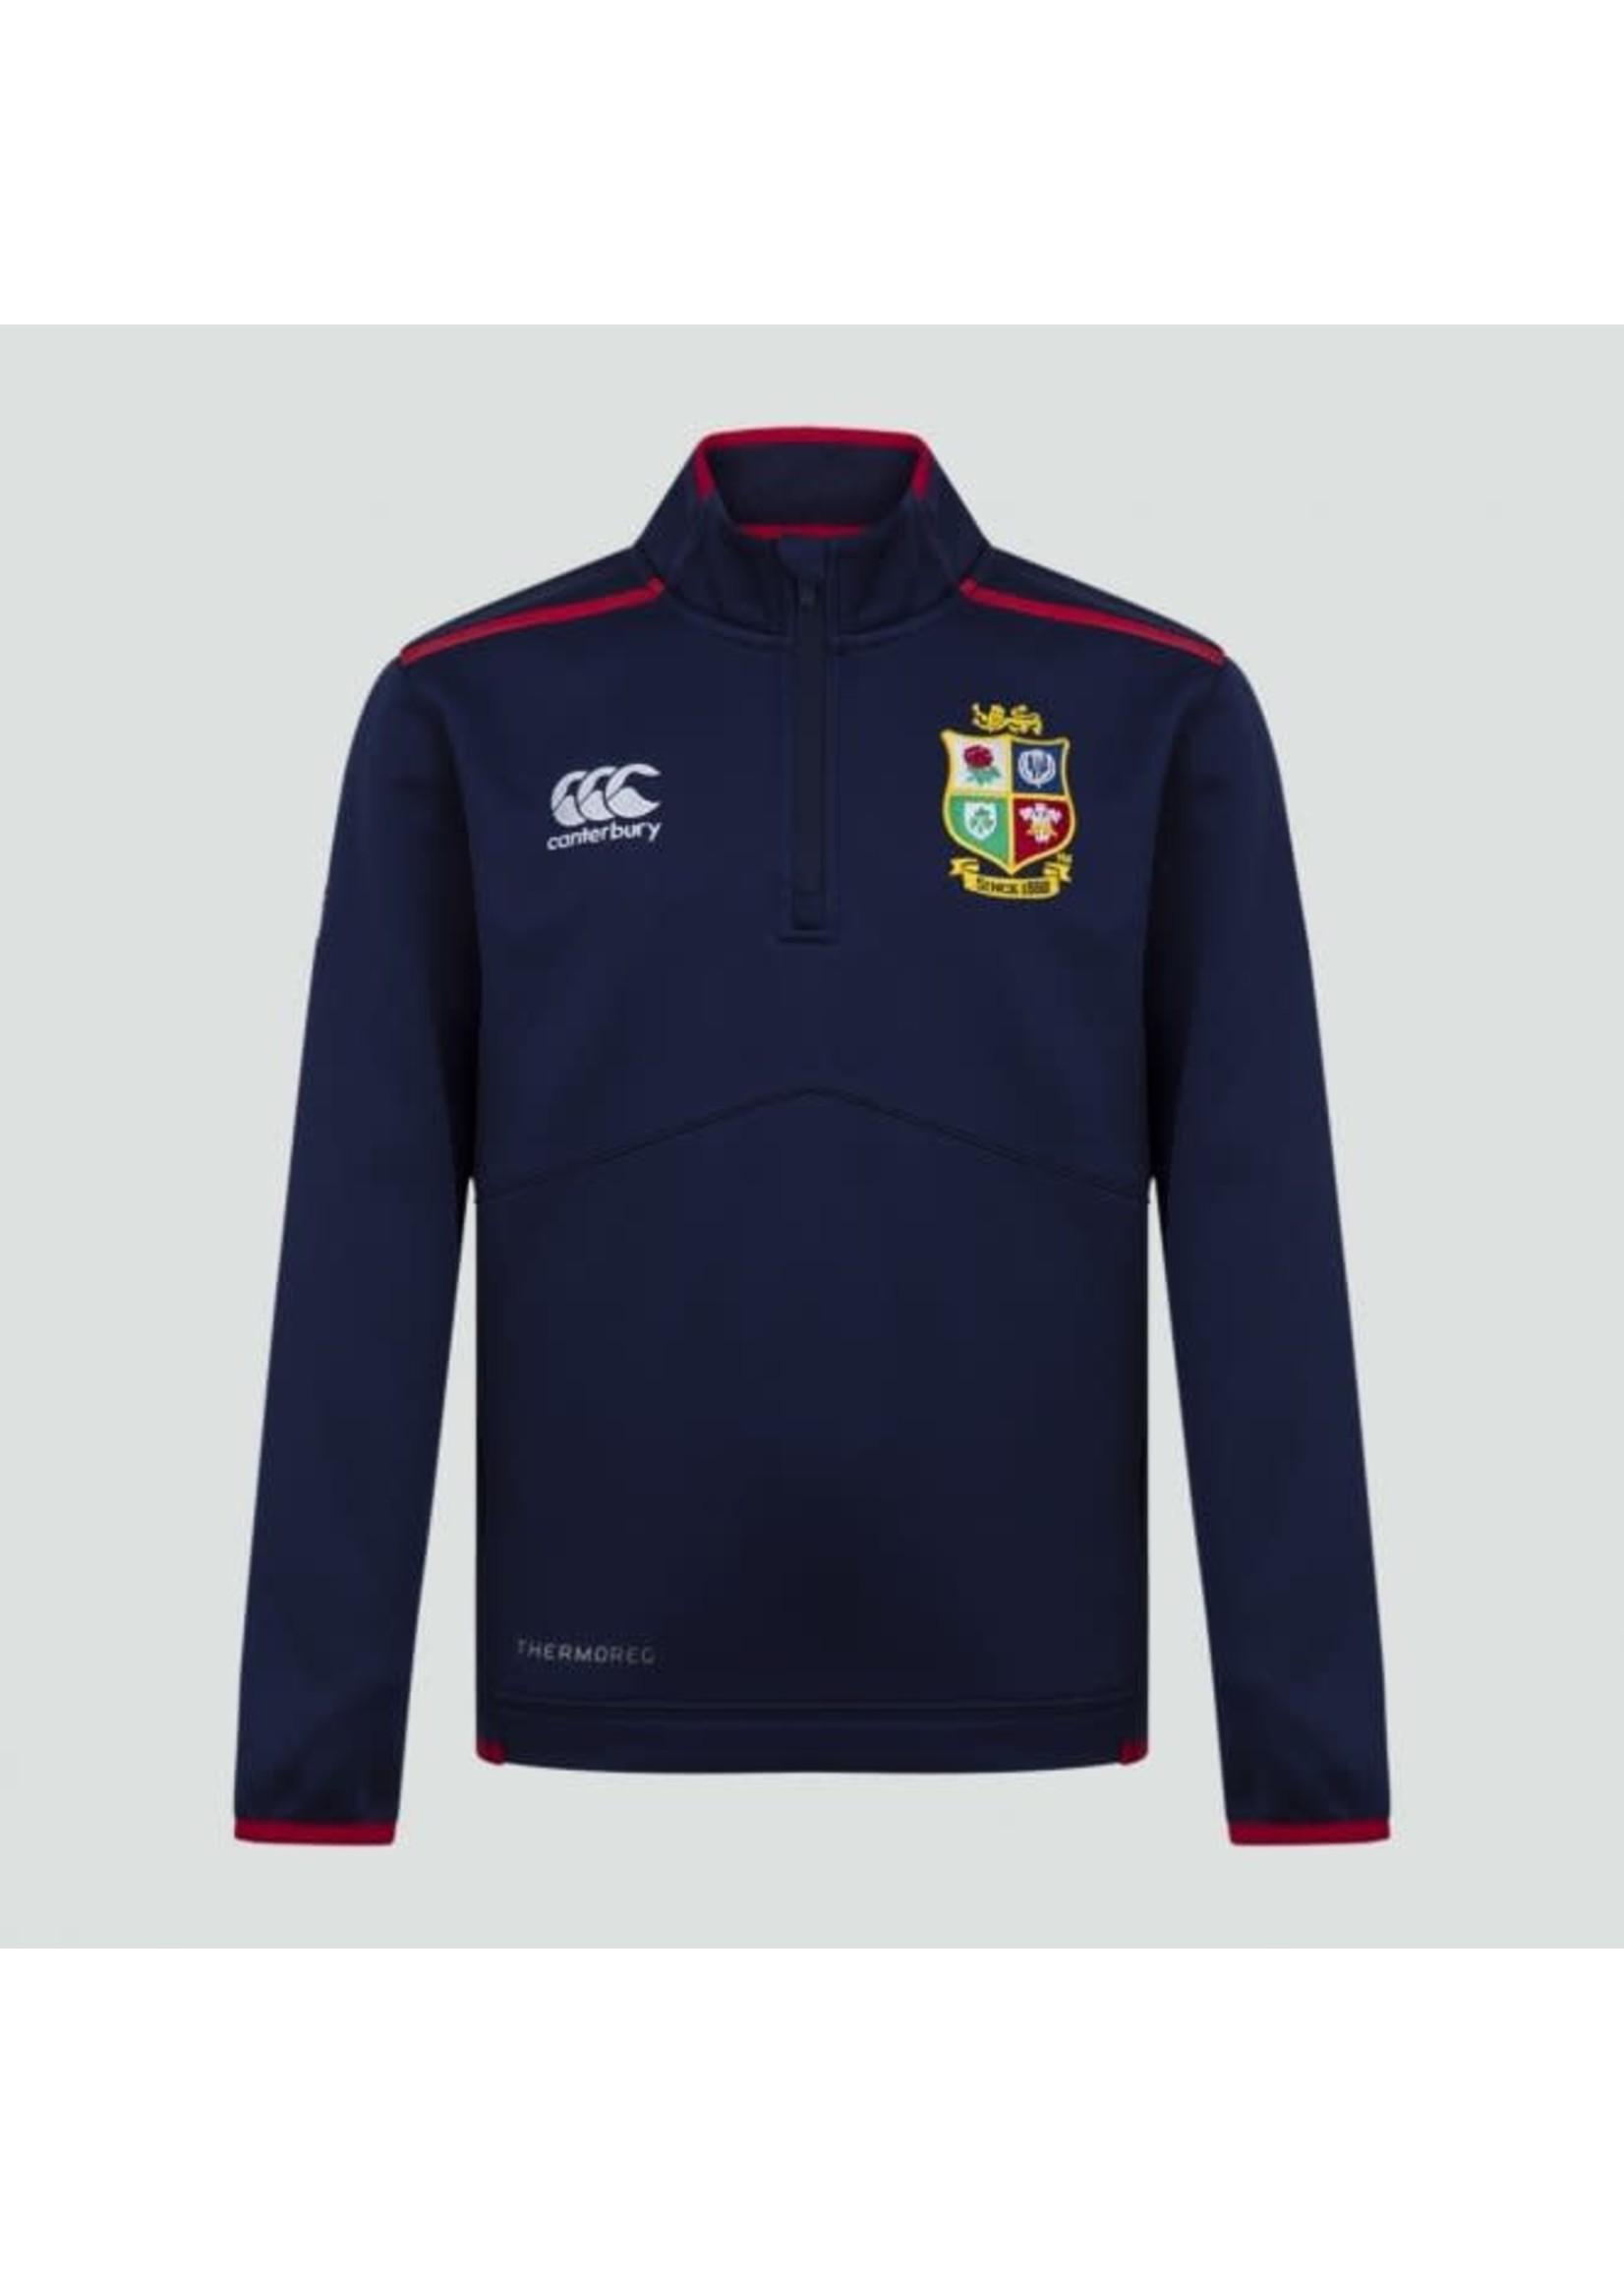 Canterbury British and Irish Lions . 1/4 Zip Thermoreg  Junior Top (2021)